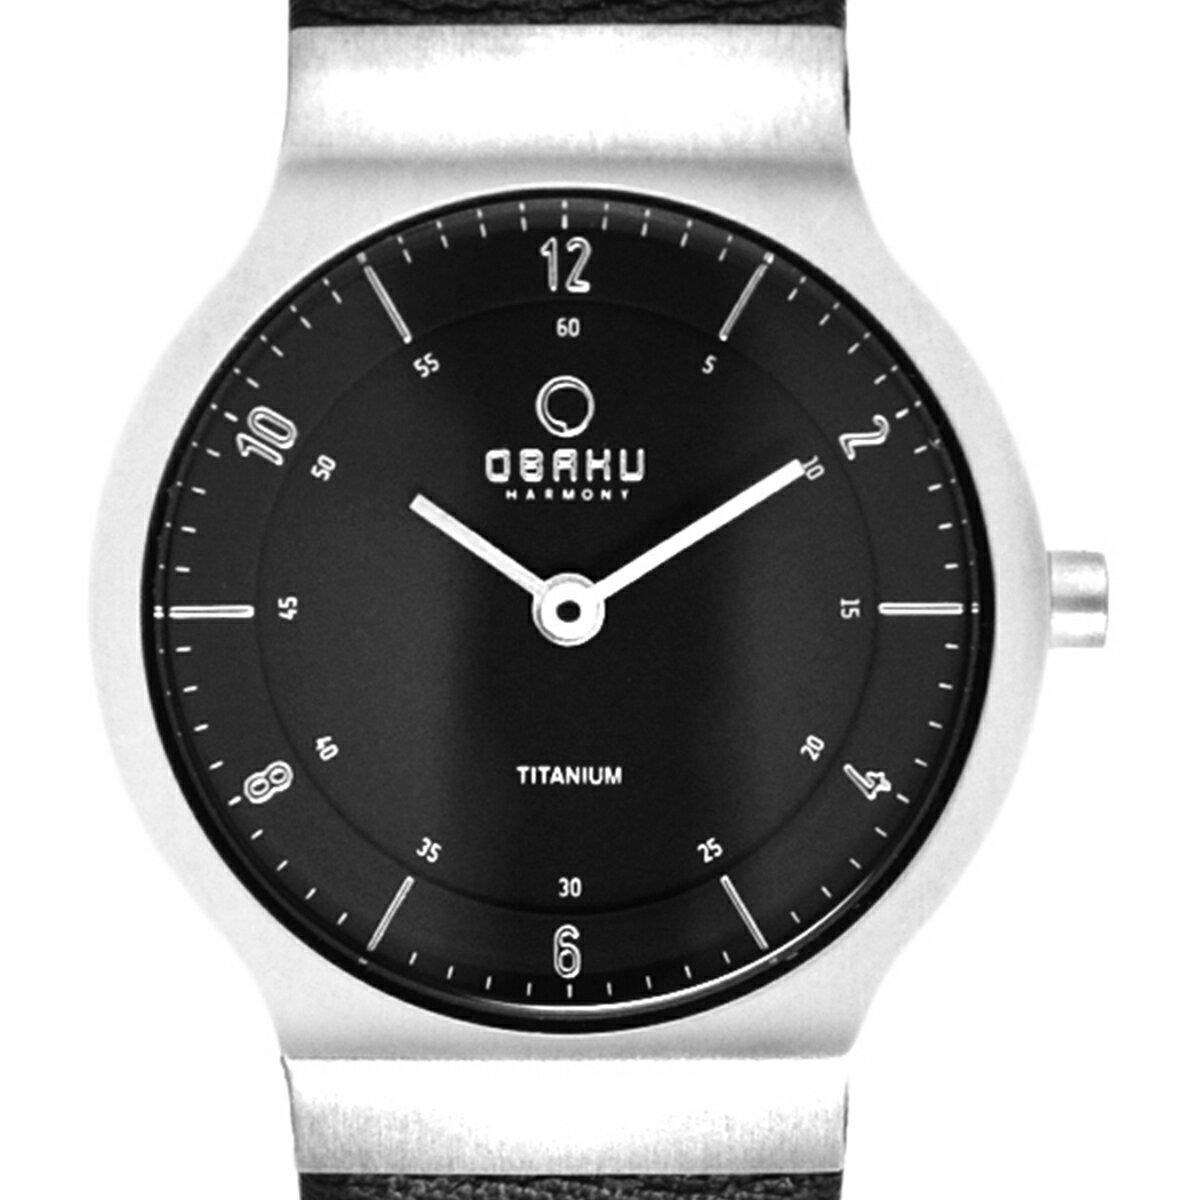 【ポイント10倍】【残り1点】OBAKU オバック クォーツ 腕時計 デンマーク シンプル 薄型 ファッション [V133STBRB] 並行輸入品 純正ケース メーカー保証